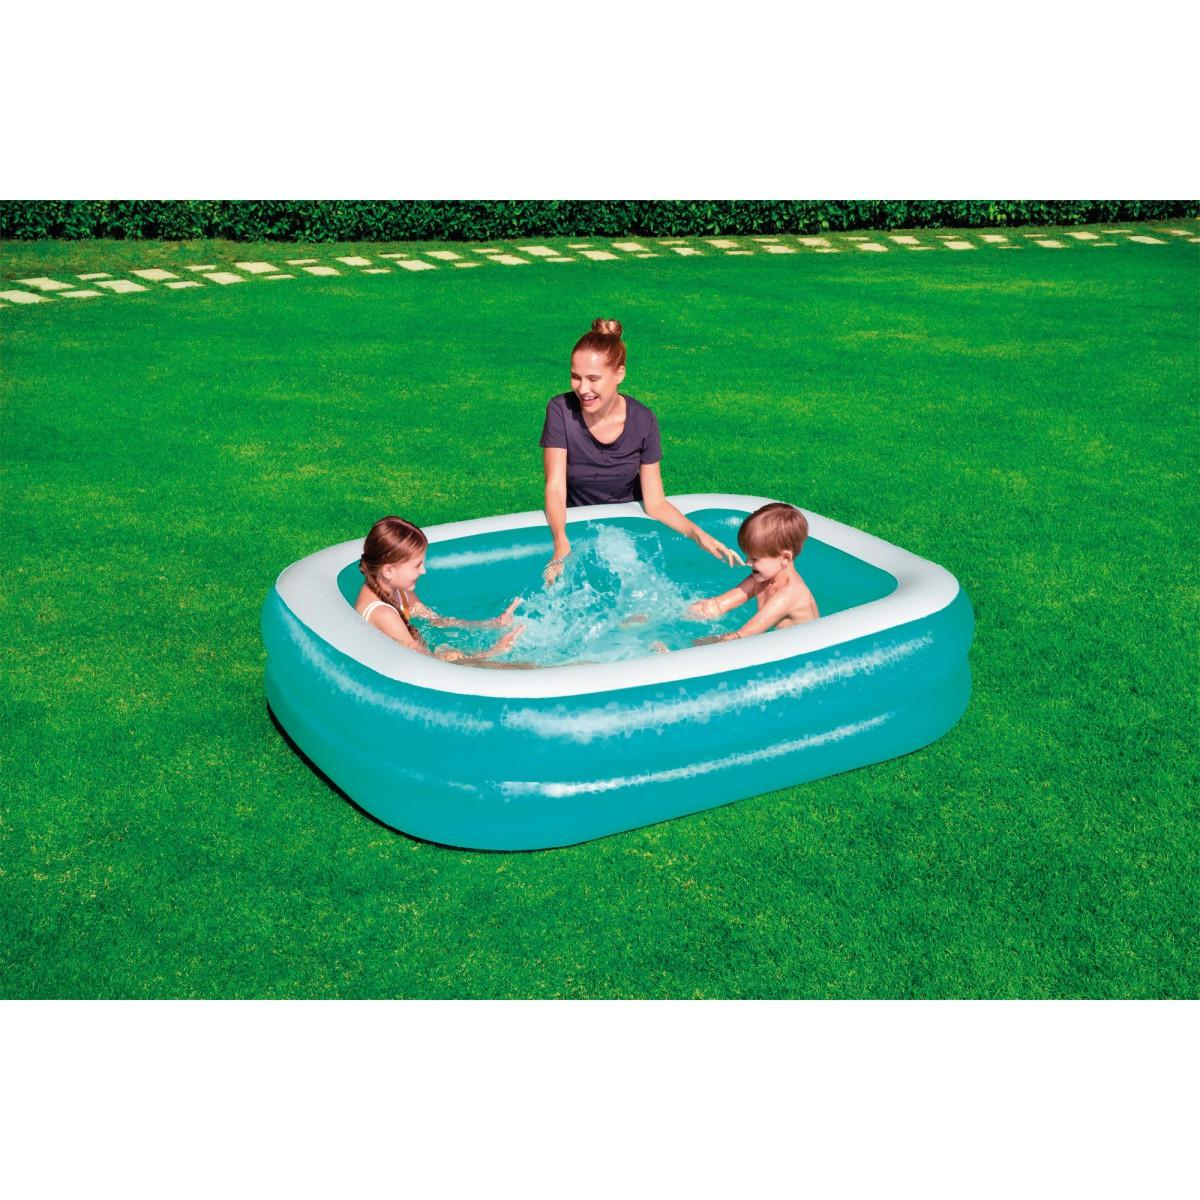 Piscine gonflable rectangulaire Bestway - Longueur 201 cm - Largeur 150 cm - Hauteur 51 cm